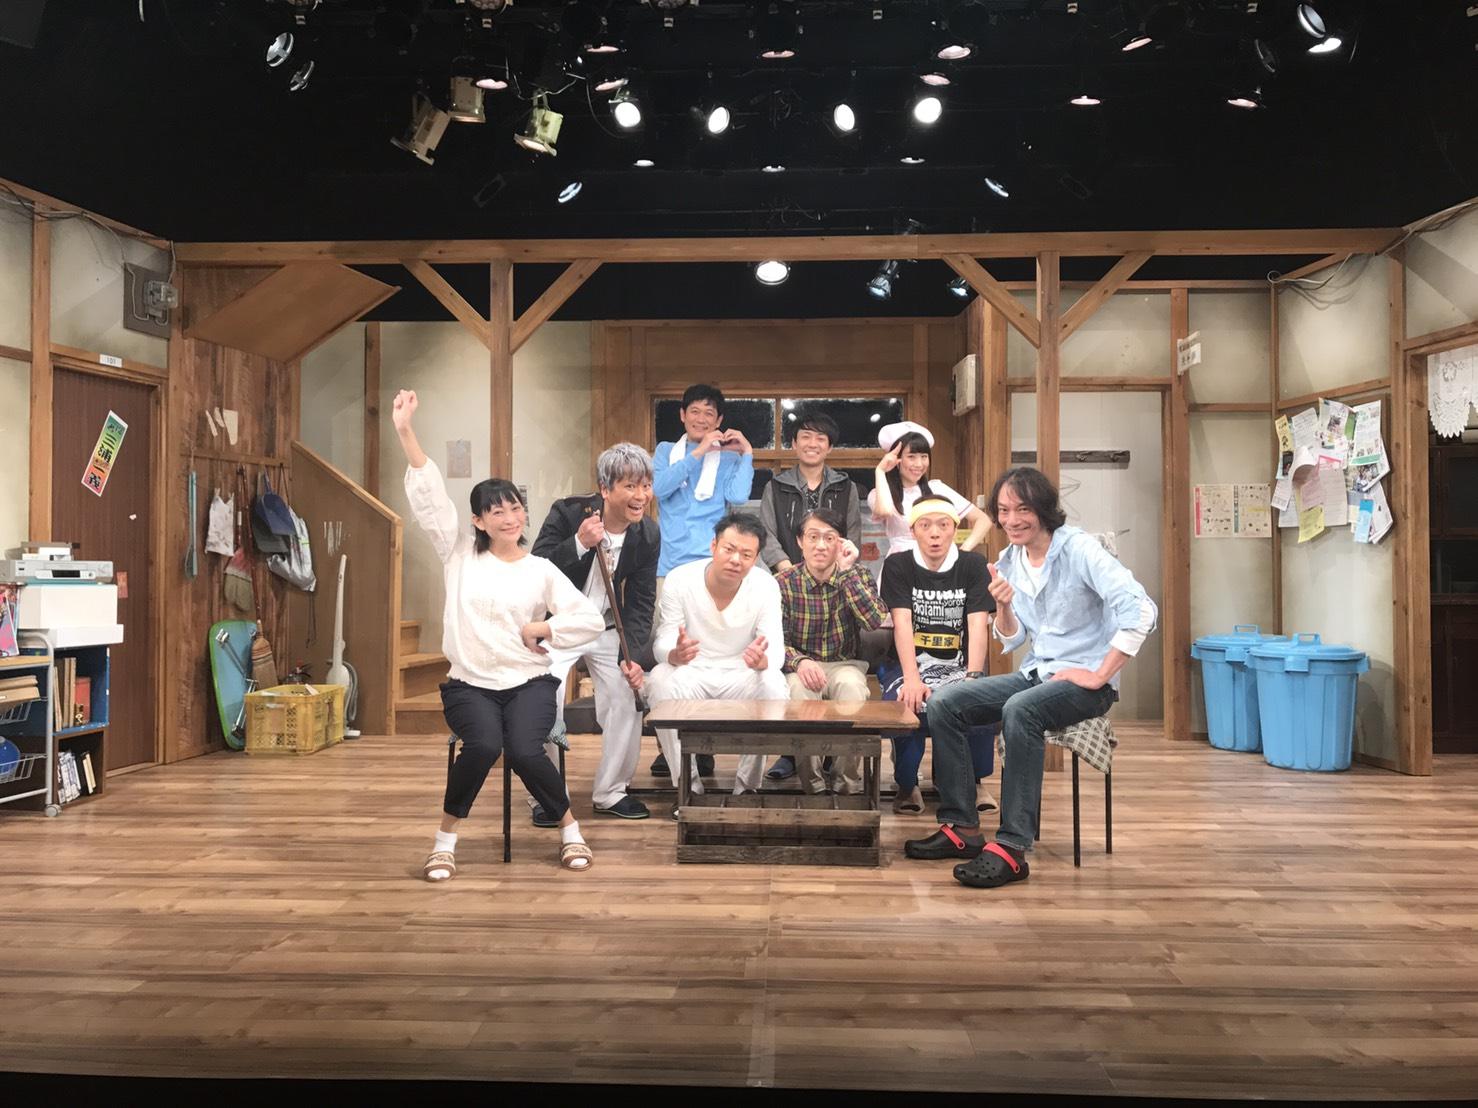 第26回公演『アンサンブル』 池袋・シアターグリーン BOX in BOX THEATER